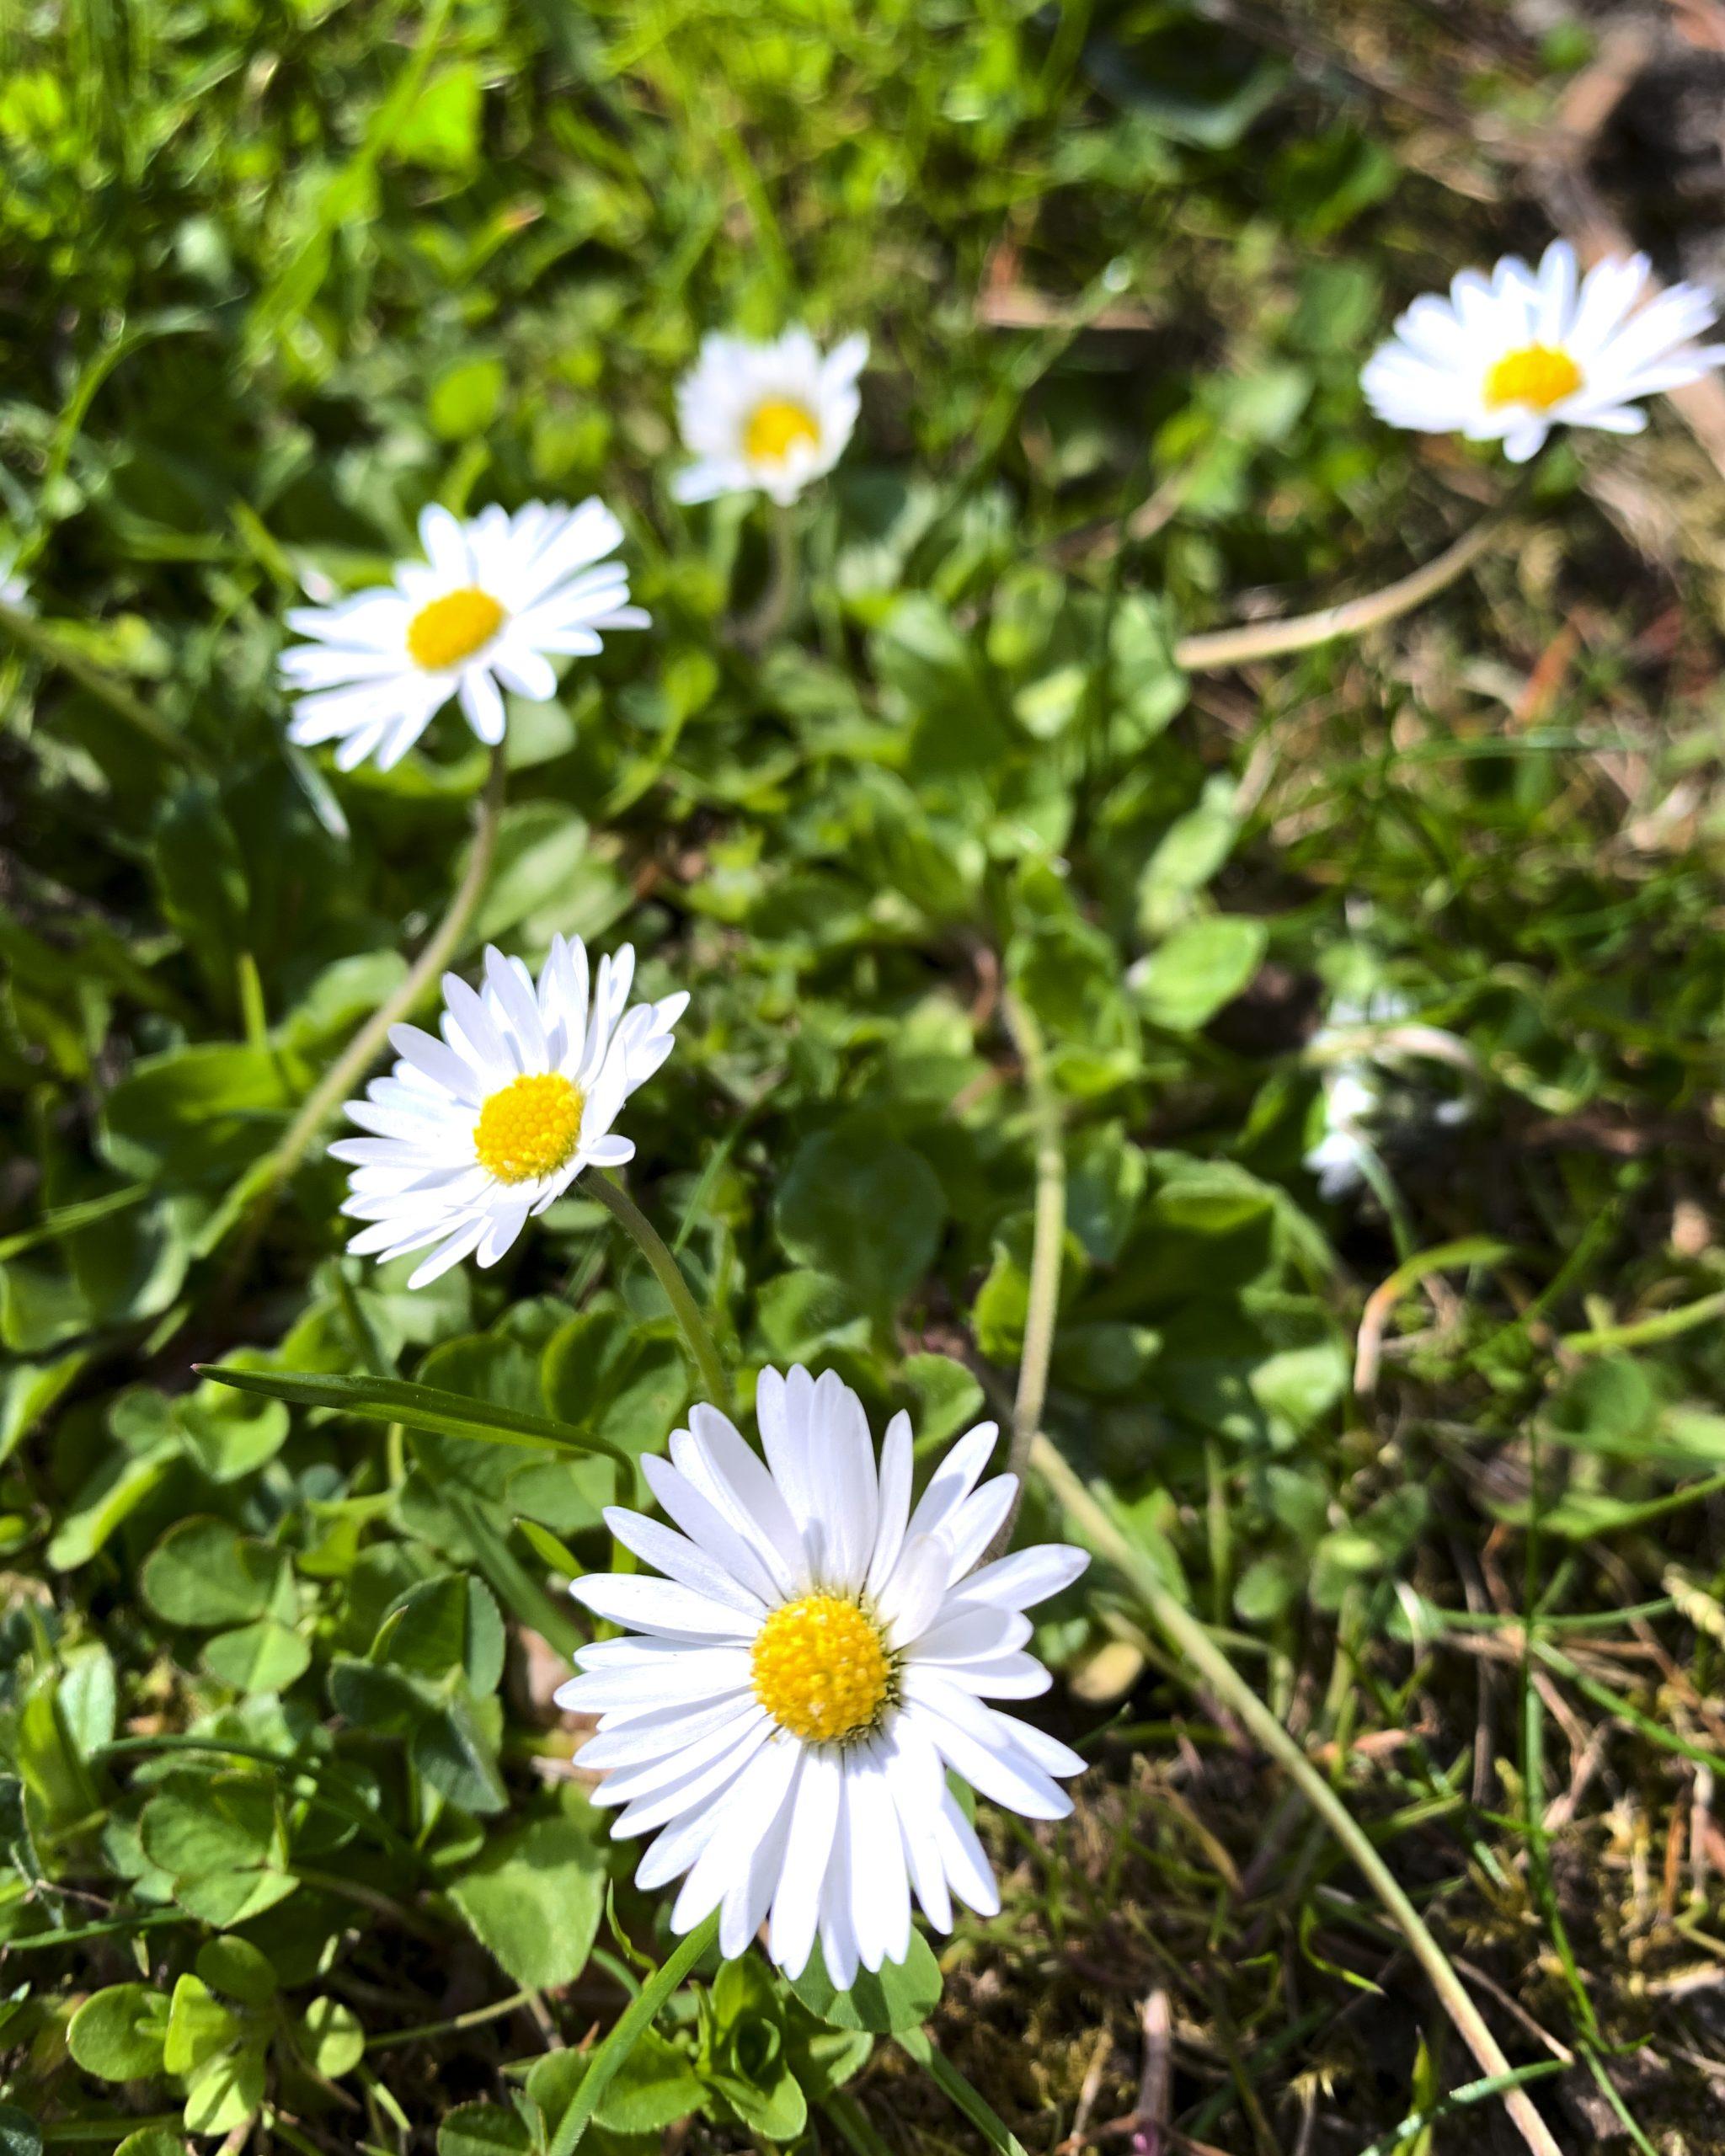 wildkraeuter-gaensebluemchen-essbare-wildblumen-wiesenblumen-pflanzenkueche-naturheilkunde